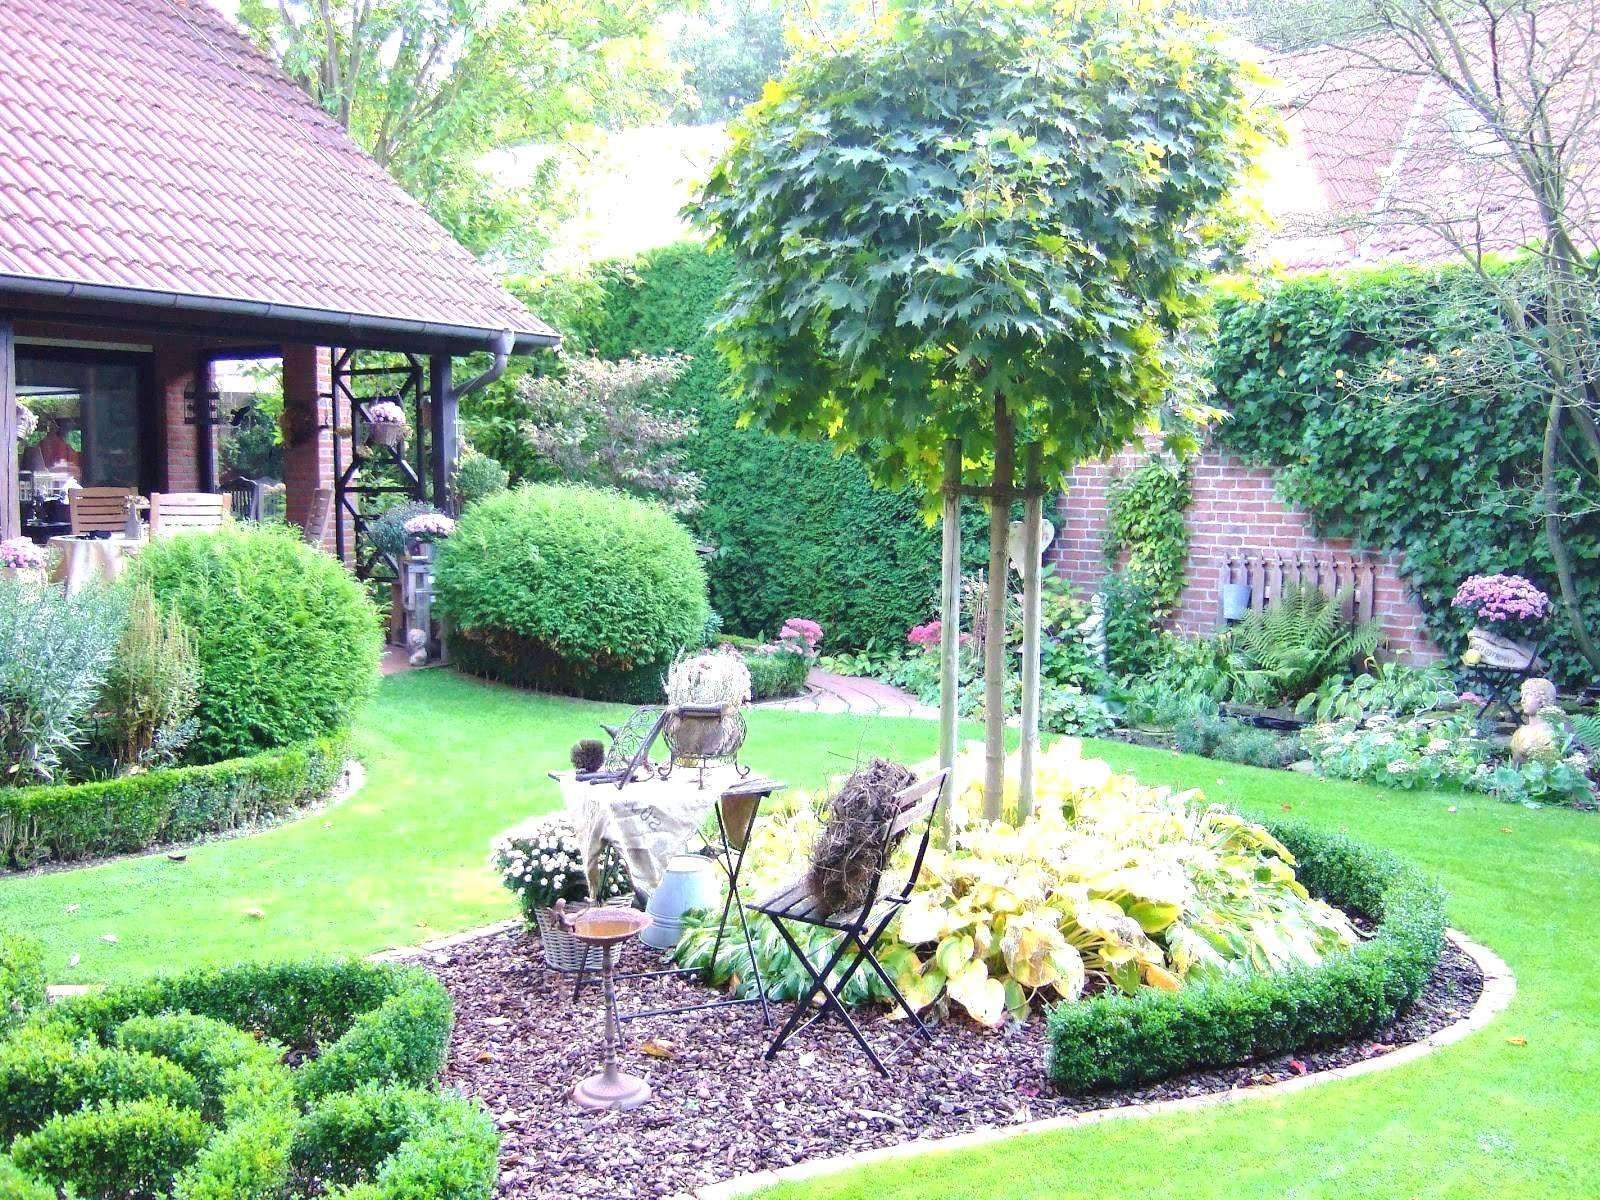 Sichtschutz Kleiner Garten Luxus Garten Ideas Garten Anlegen Inspirational Aussenleuchten